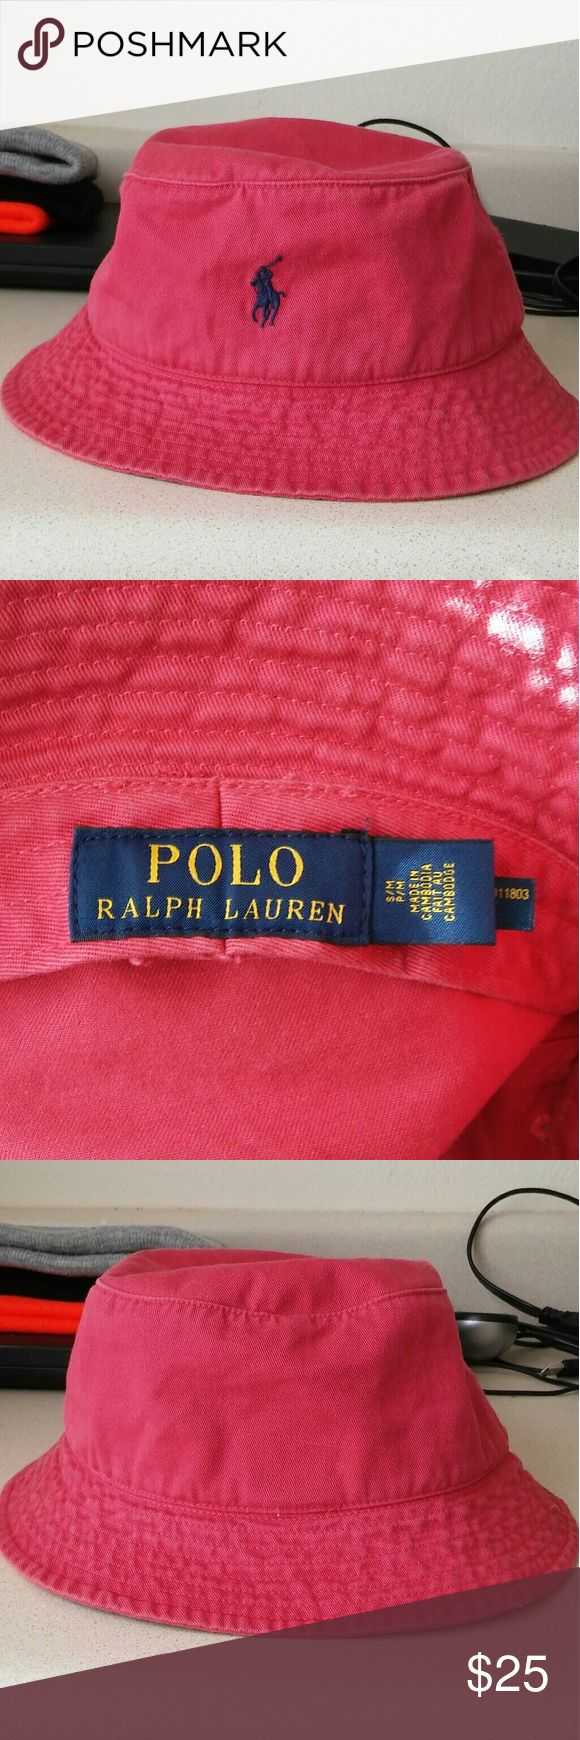 POLO Ralph Lauren Bucket Hat Soft Red Bucket Hat with Navy Blue Ralph Lauren Symbol.....Nice Condition Gently Used Ralph Lauren Accessories Hats